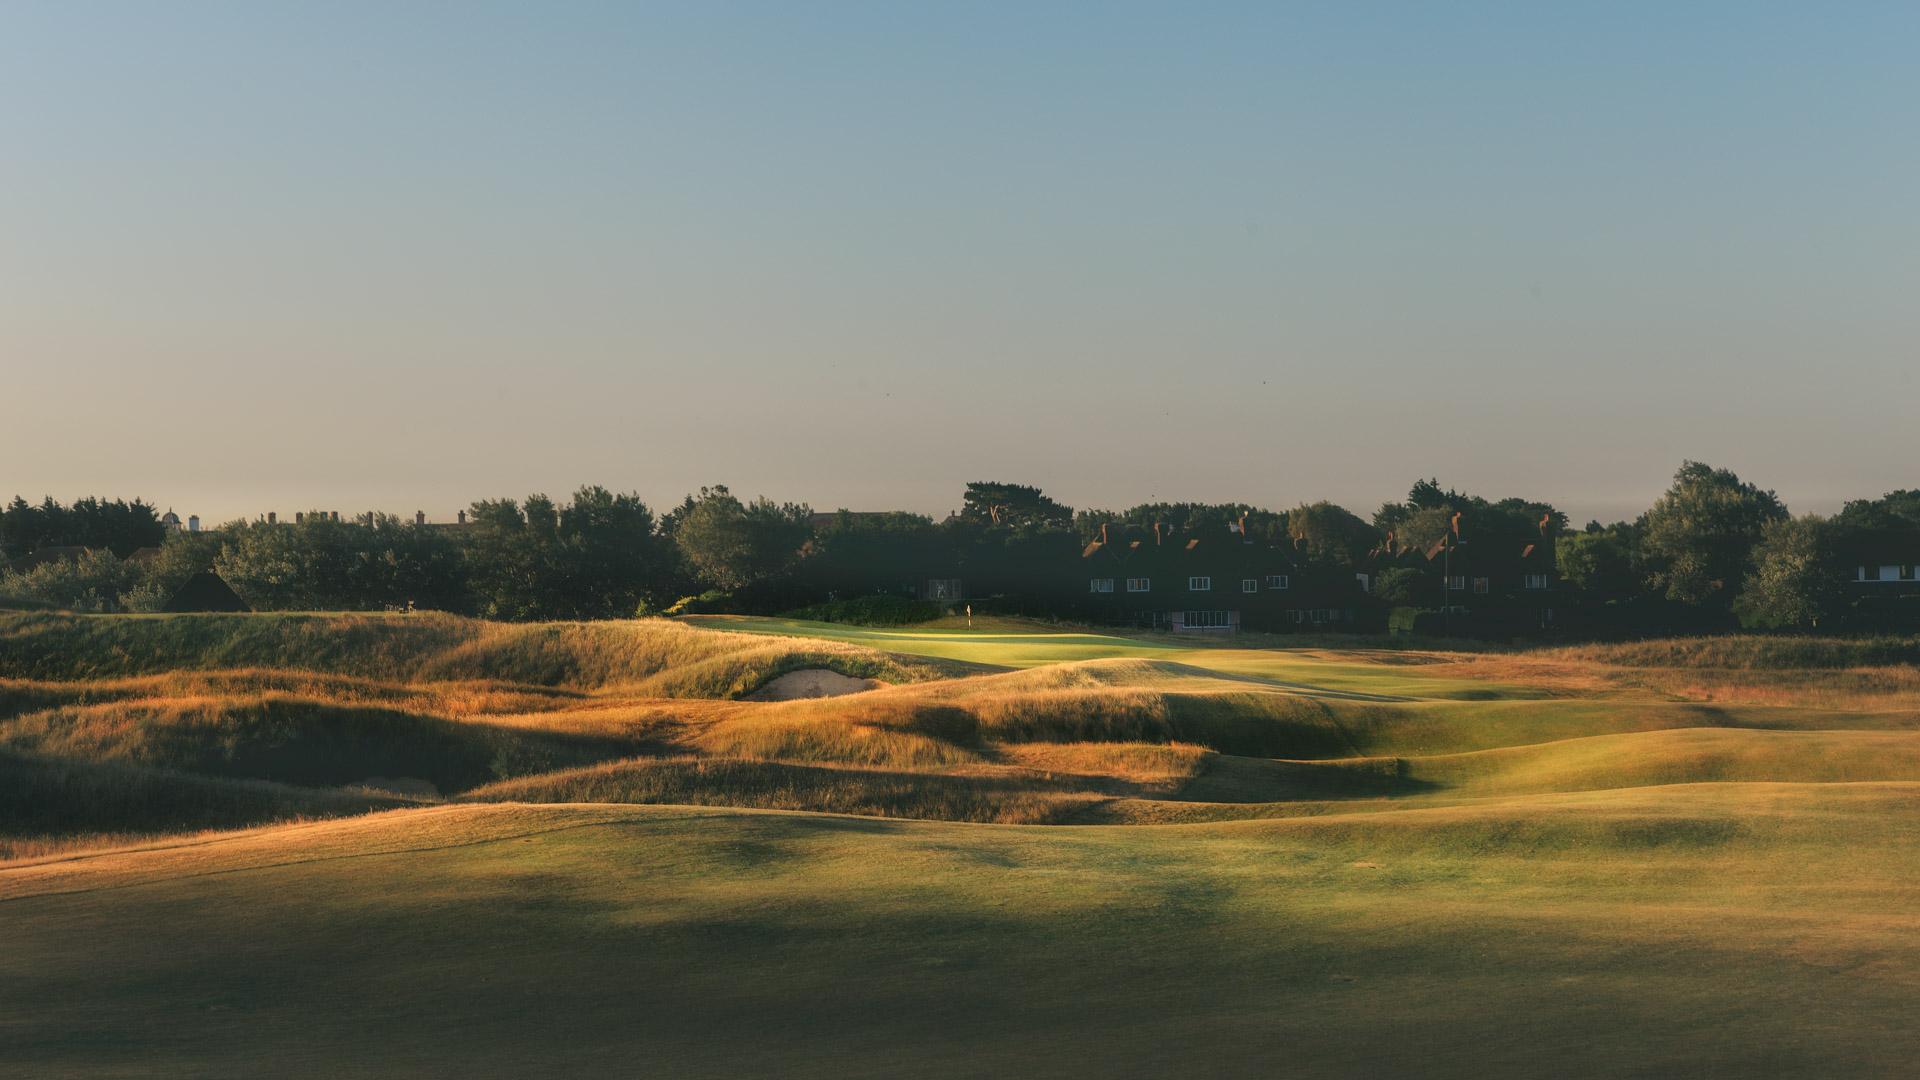 04th-Hole-Royal-St-Georges-Golf-Club0062-Edit-2-2